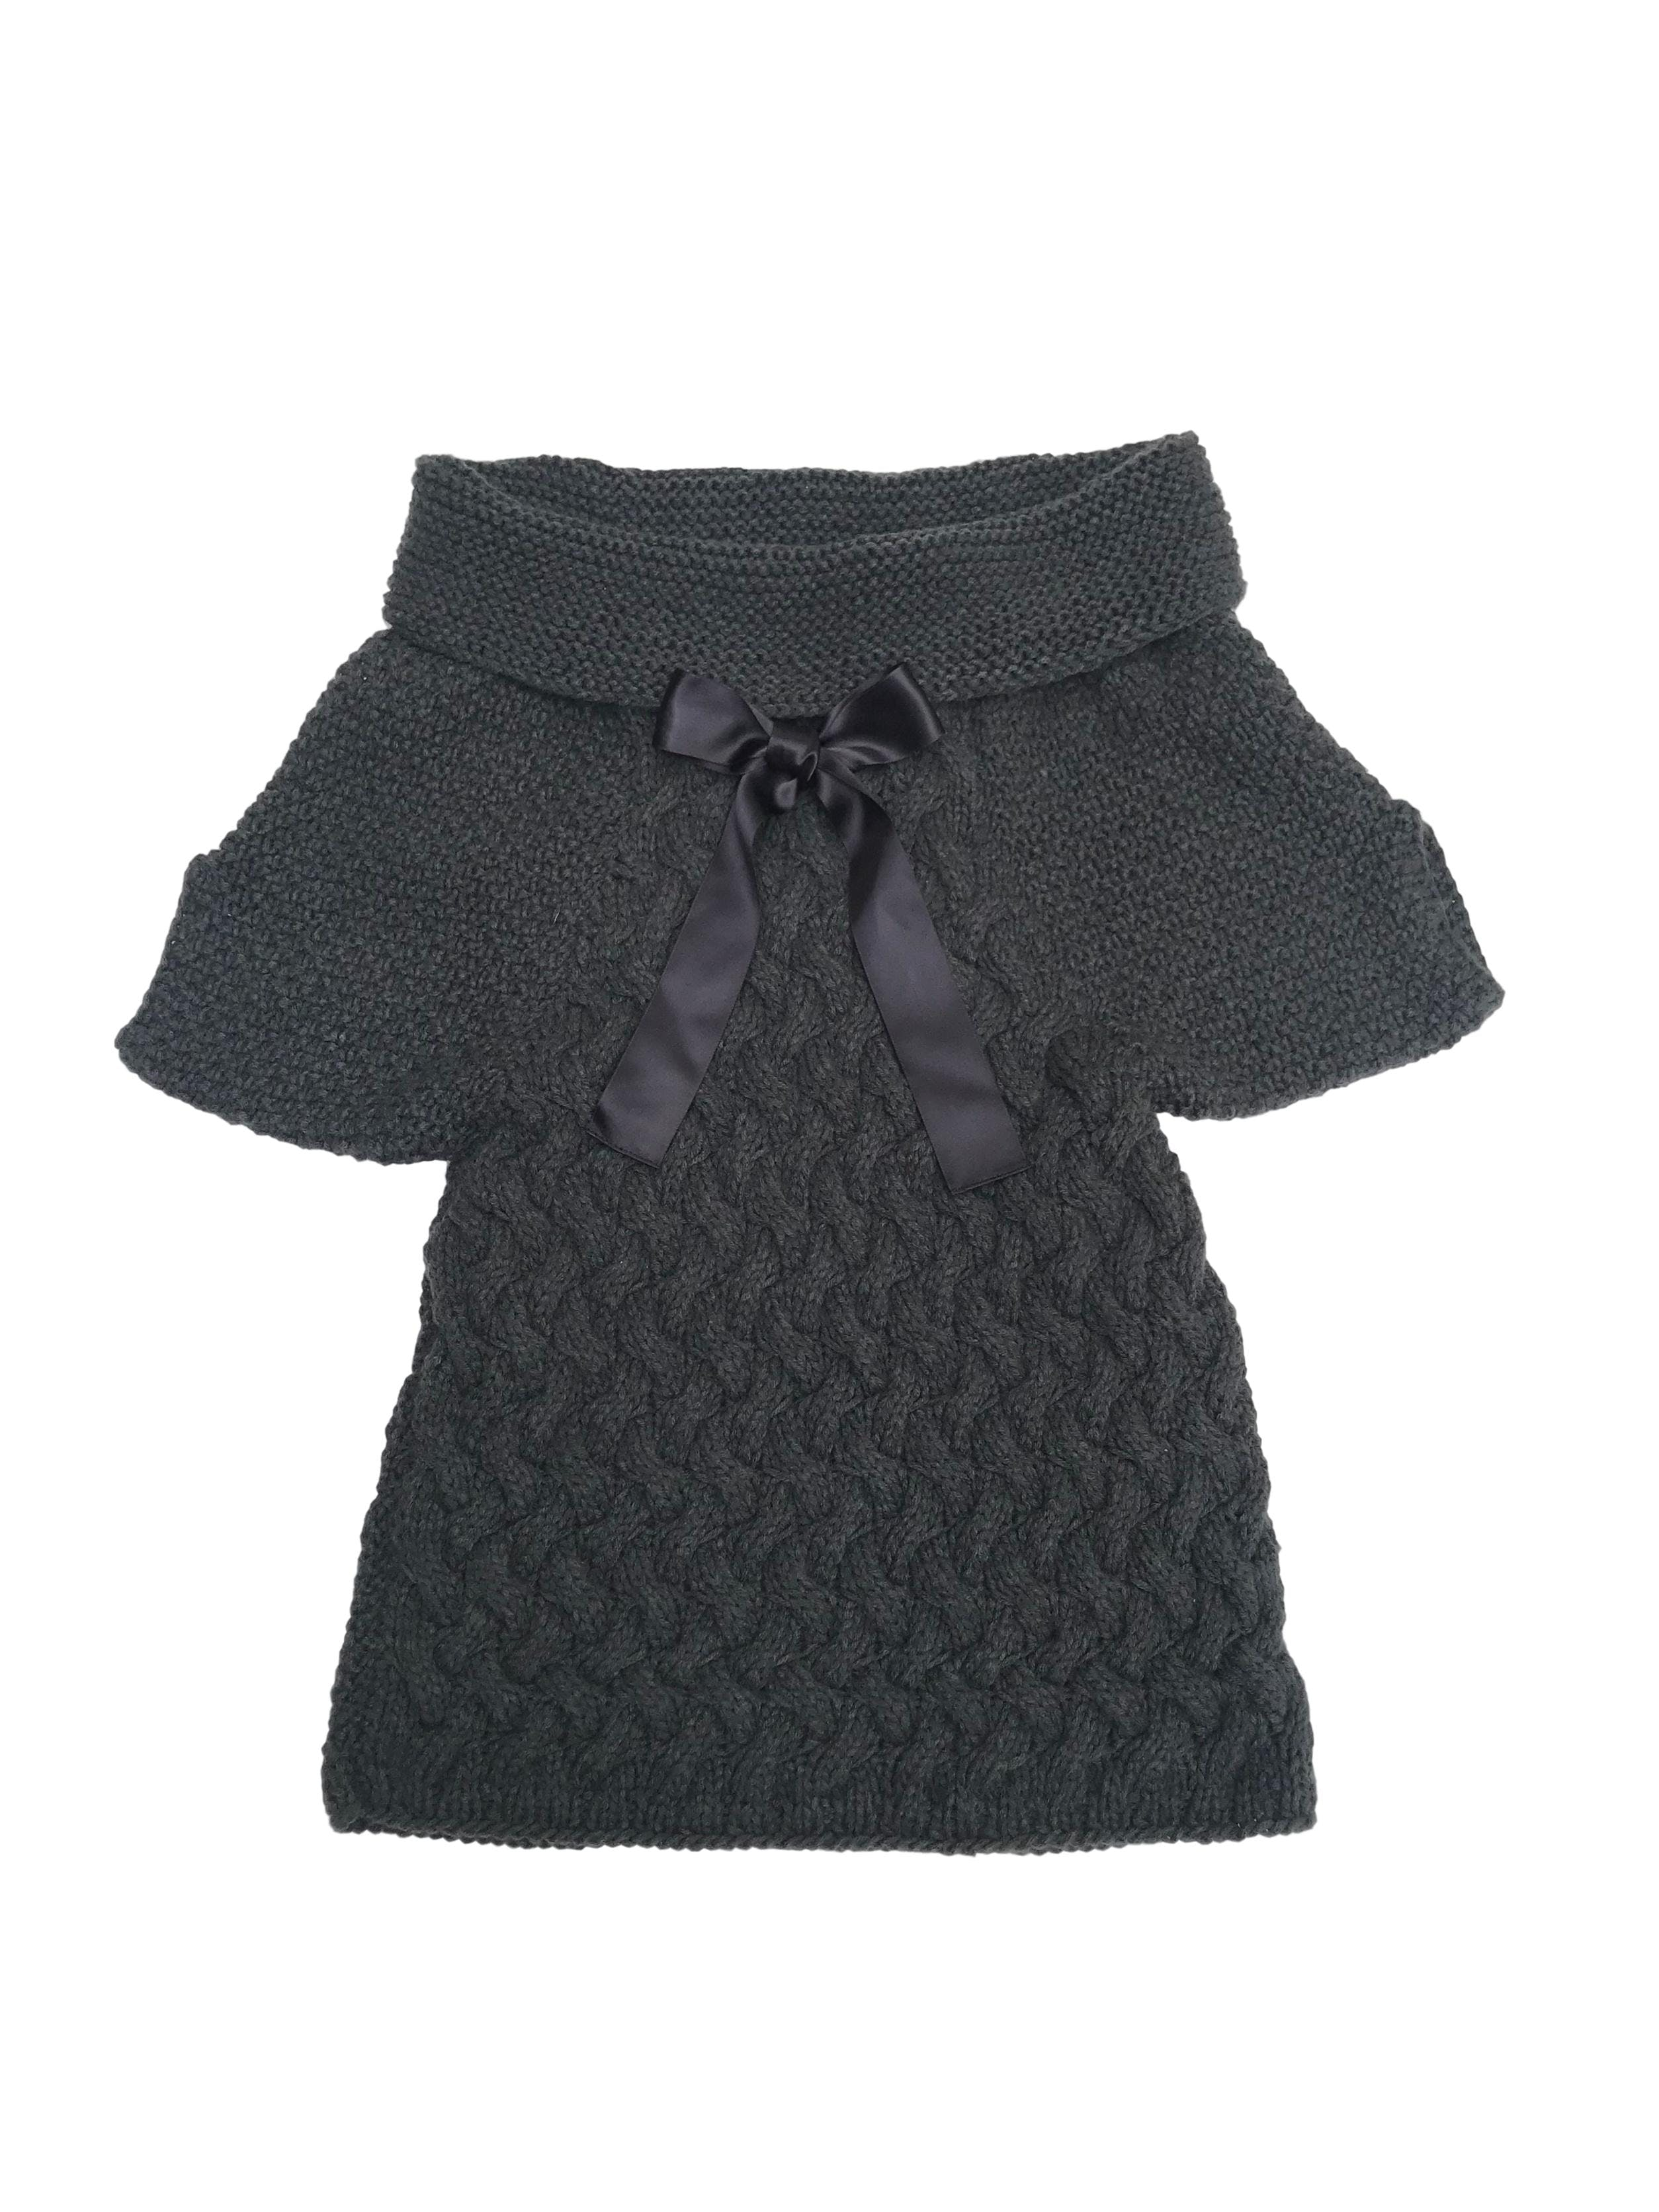 Chompa Maria Bonita Extra de tejido grueso gris, cuello bote con cinto negro. Rica al tacto. Precio original $130